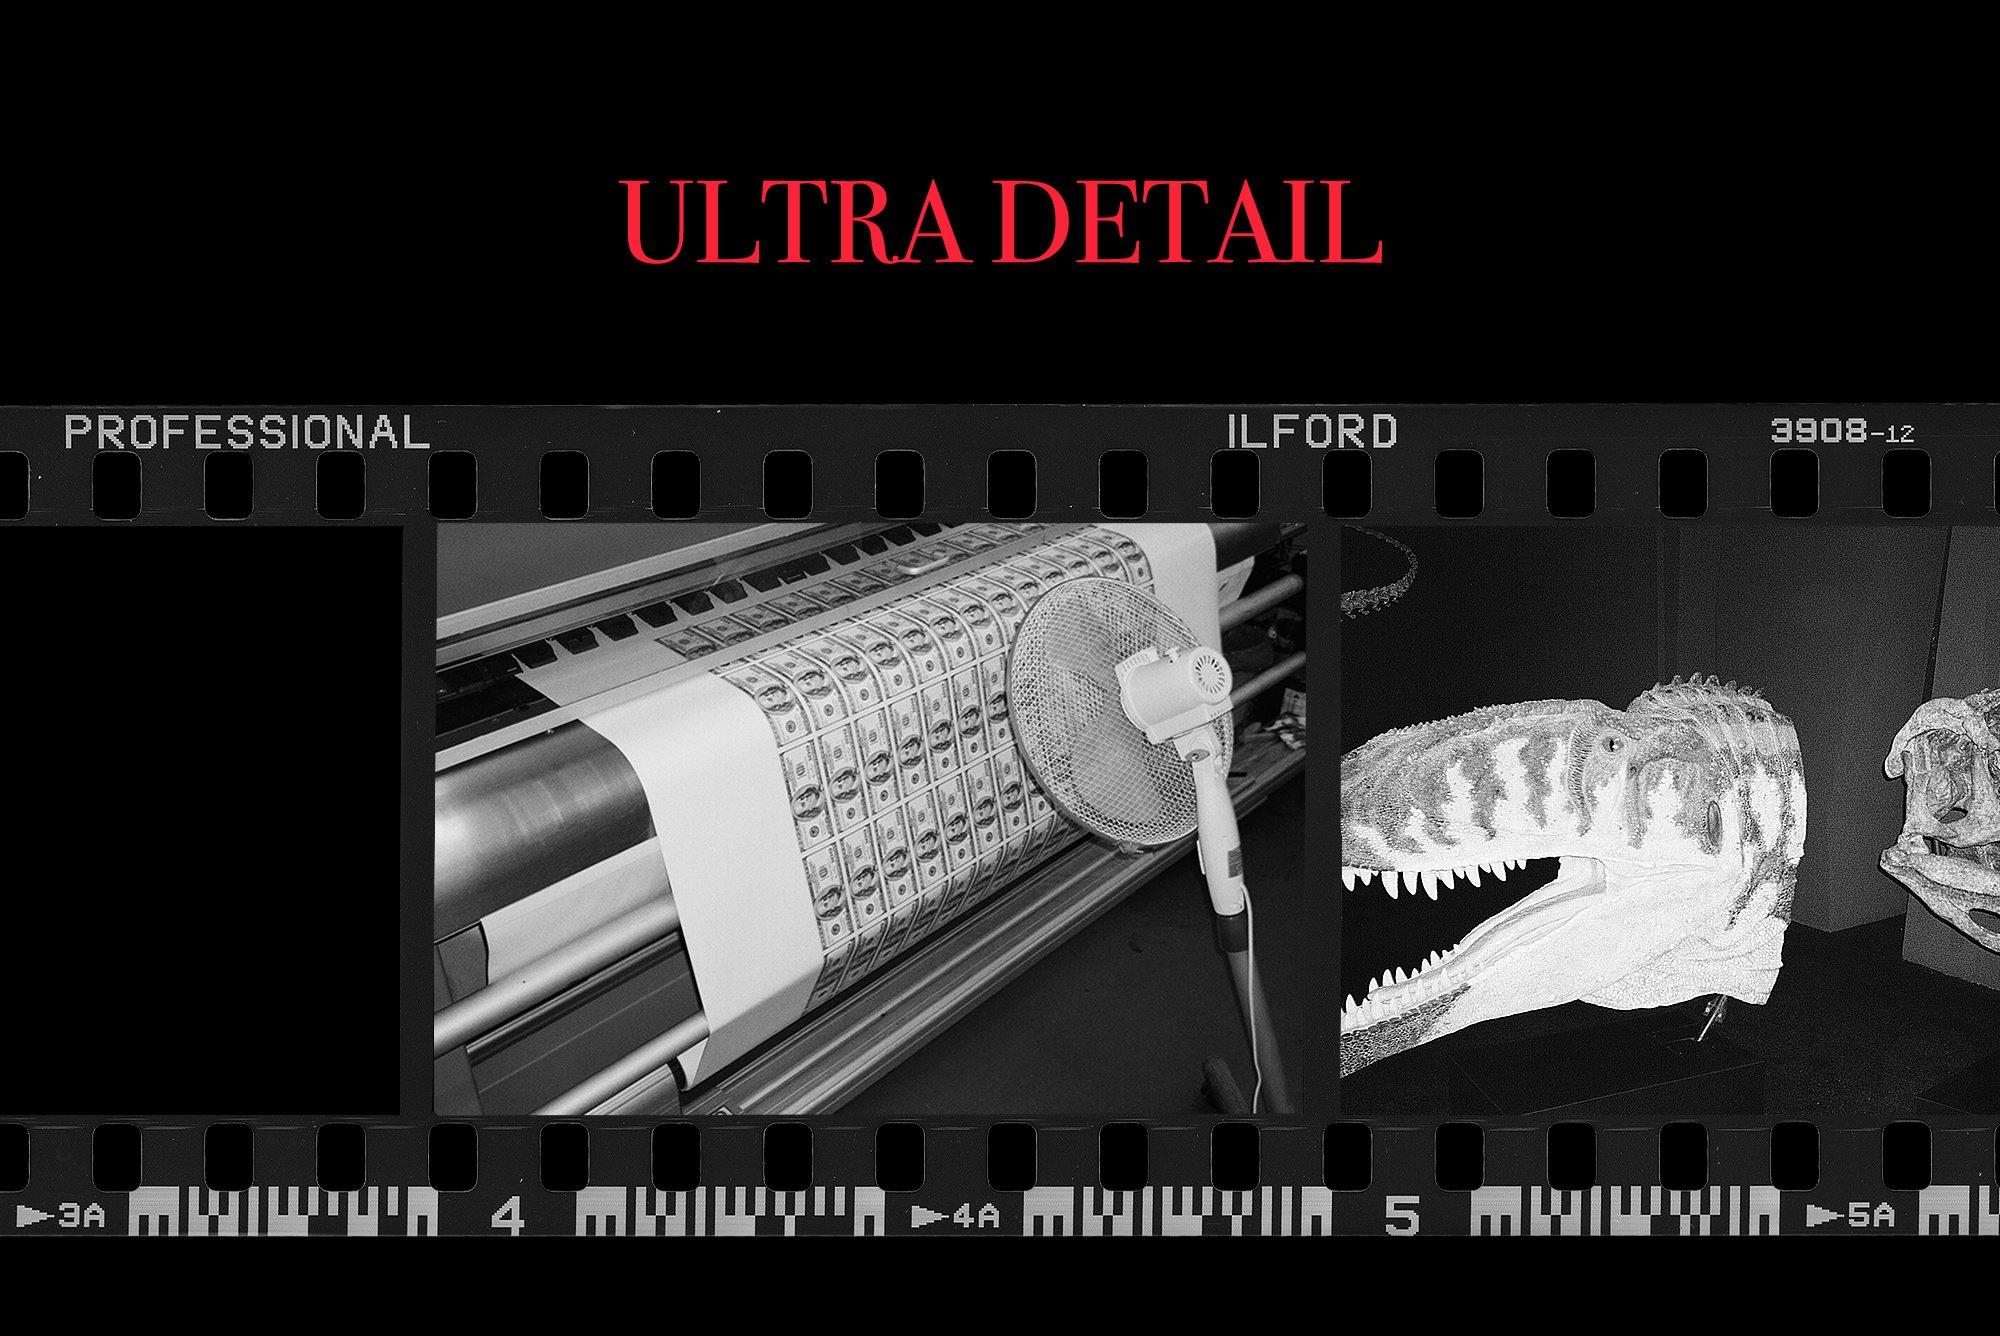 [淘宝购买] 潮流老式胶片胶卷边框图层叠加样机PS设计素材 Contact Sheet Film Roll Mockup插图(4)